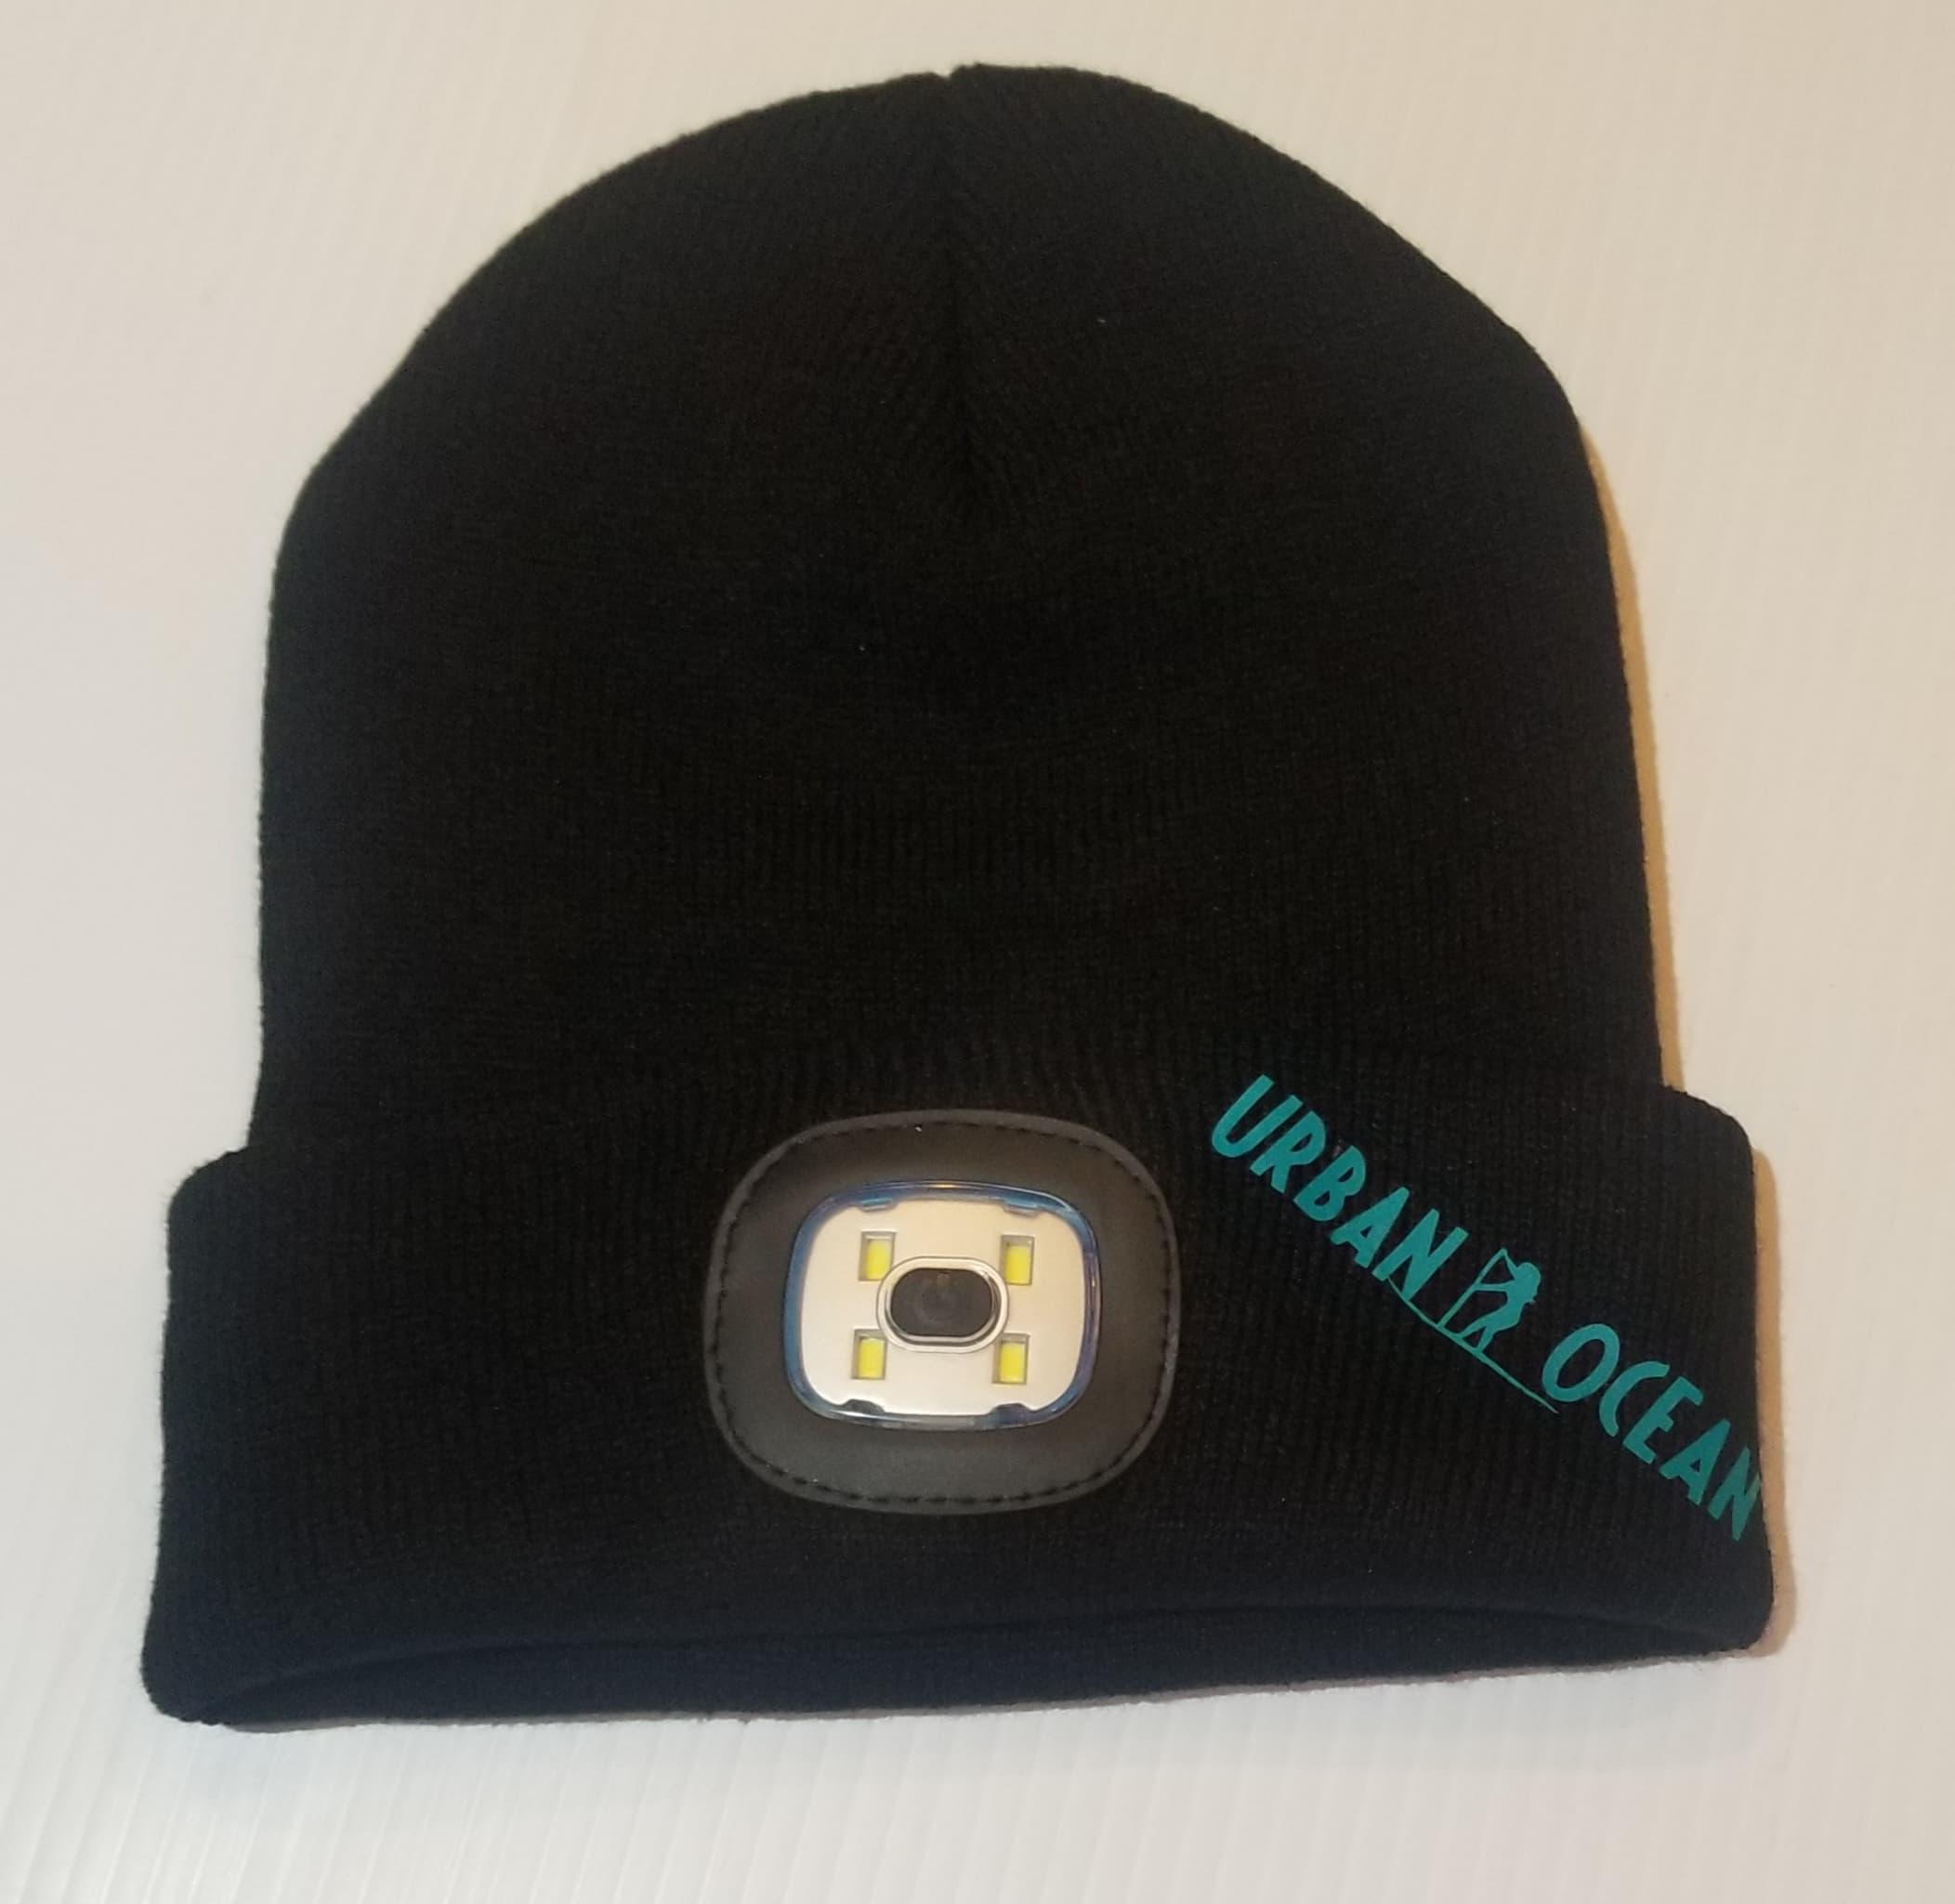 Black/Teal winter SUP Light hat